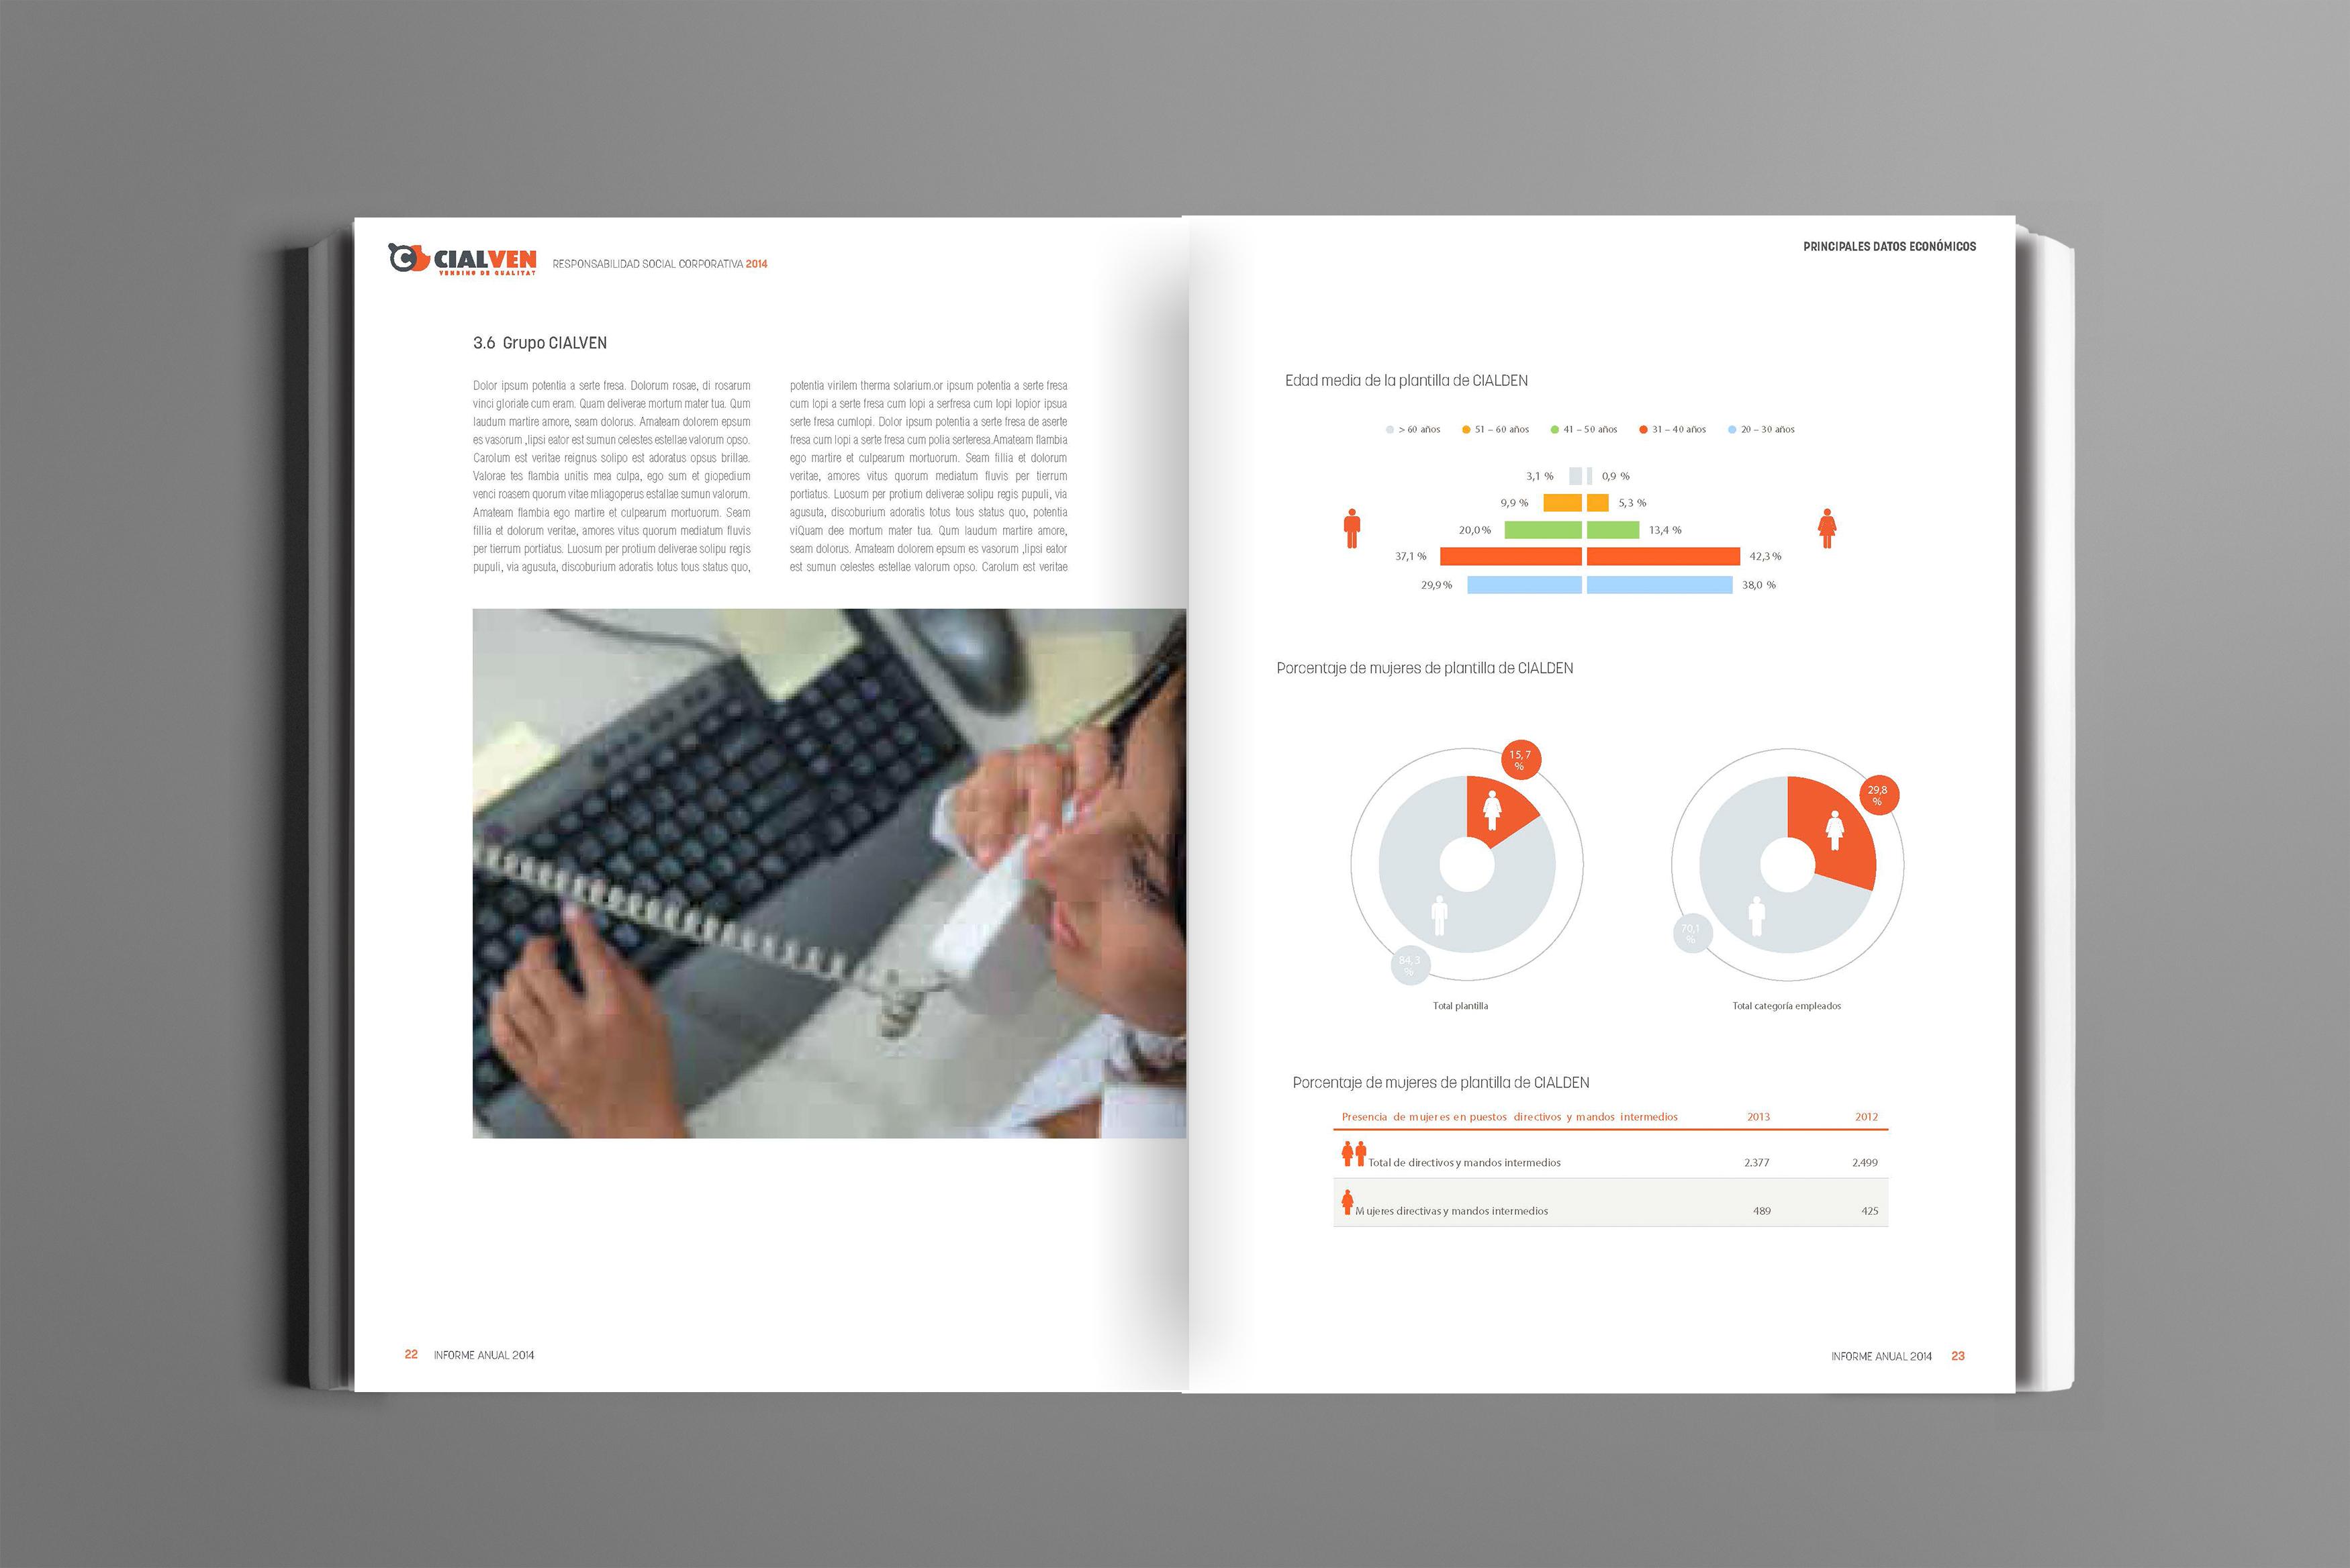 cialvent_informe_anual_8